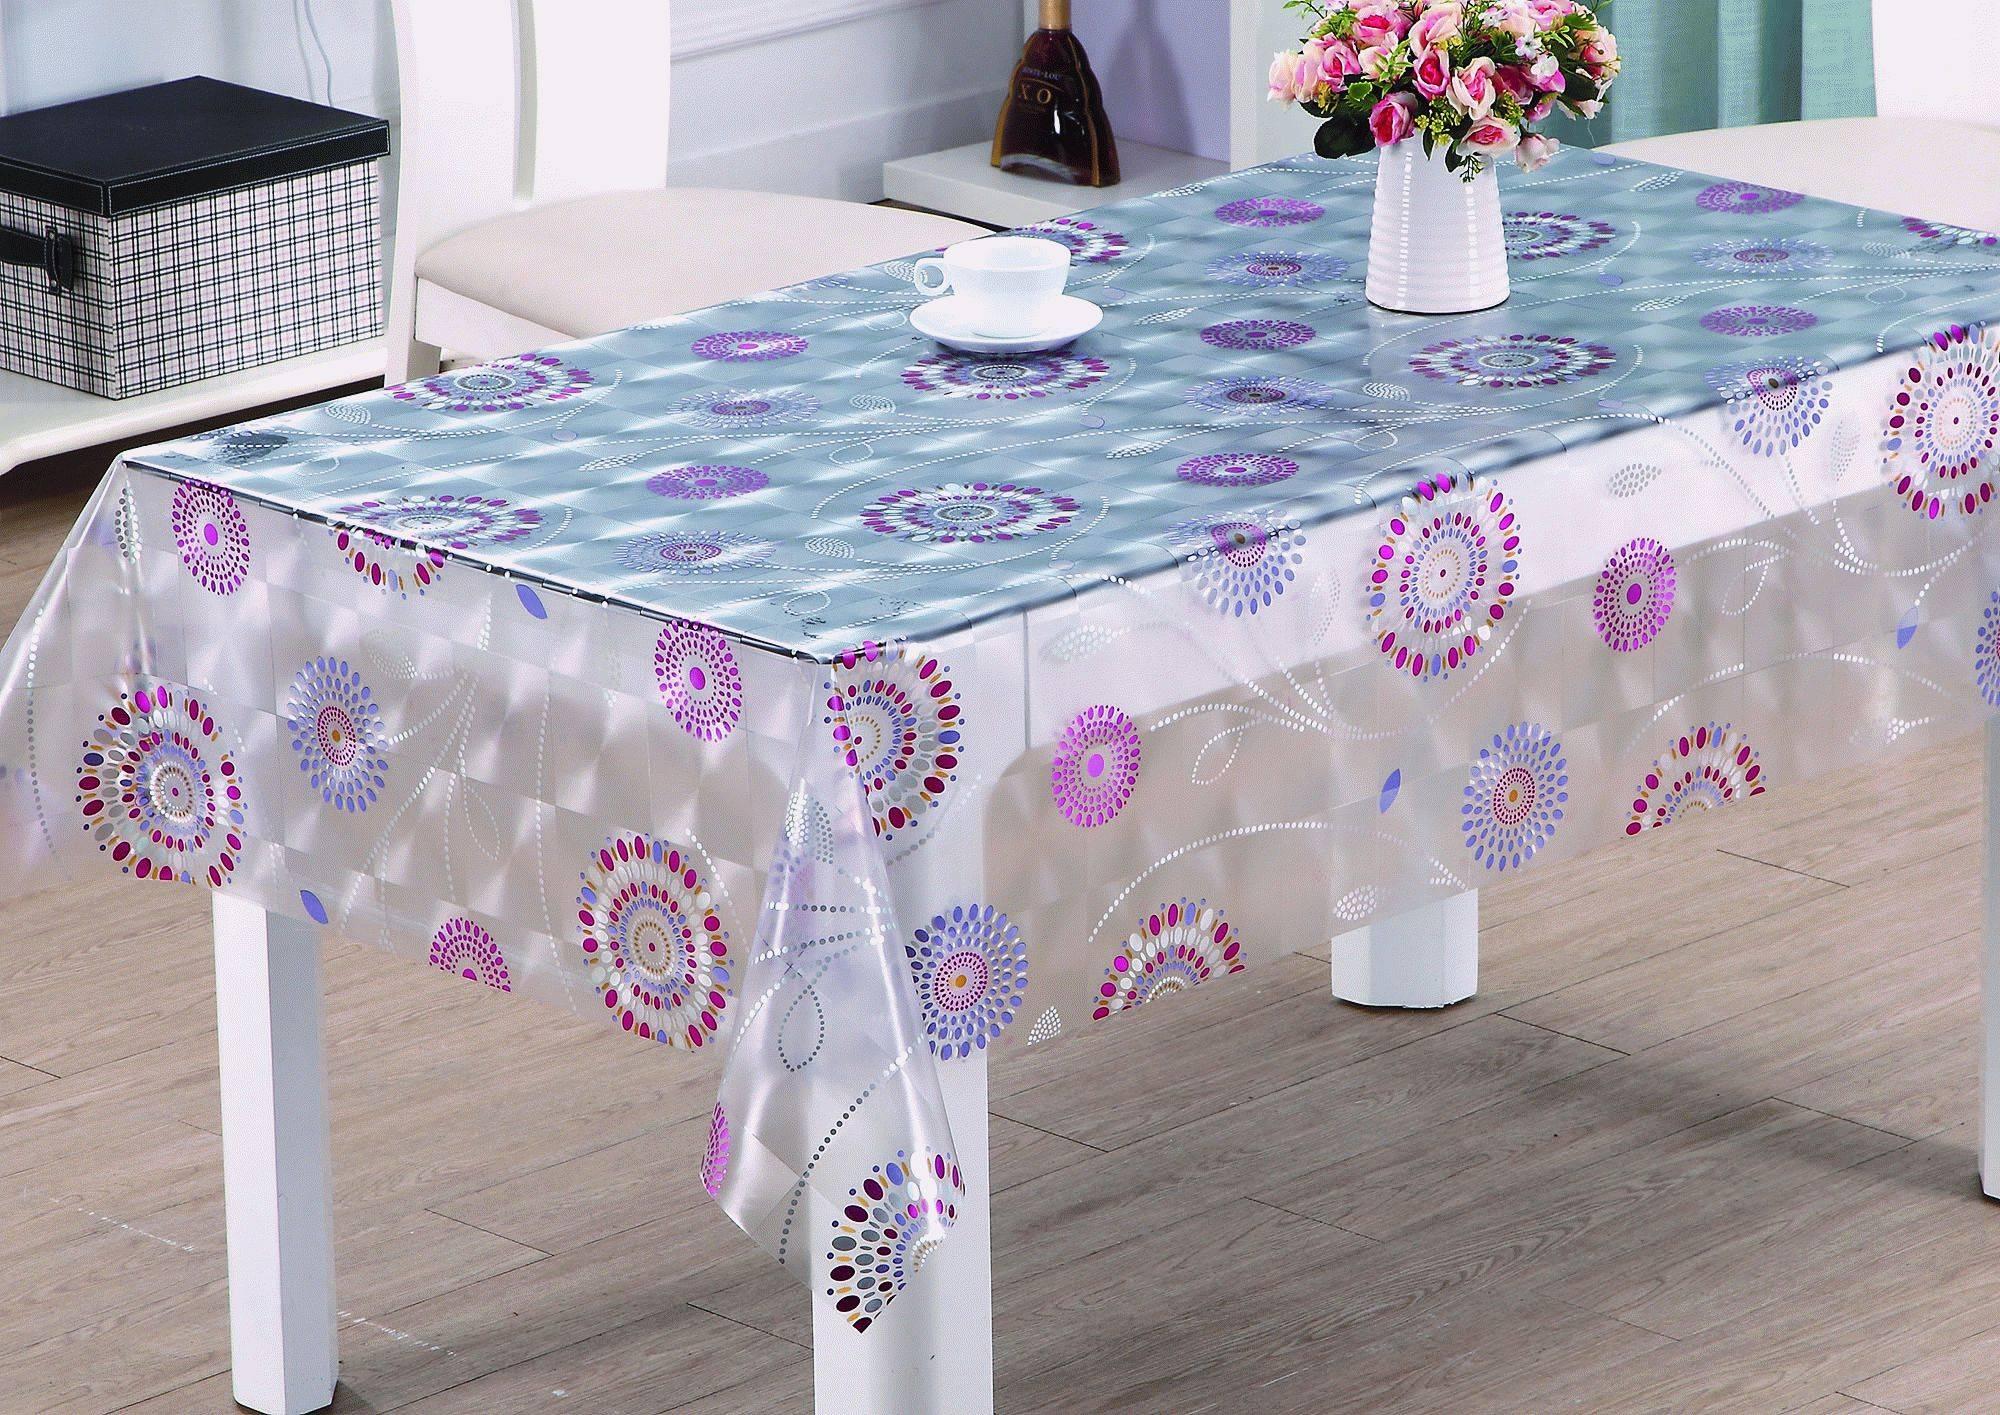 Cкатерть на стол из ткани своими руками: пошаговое руководство выполнения